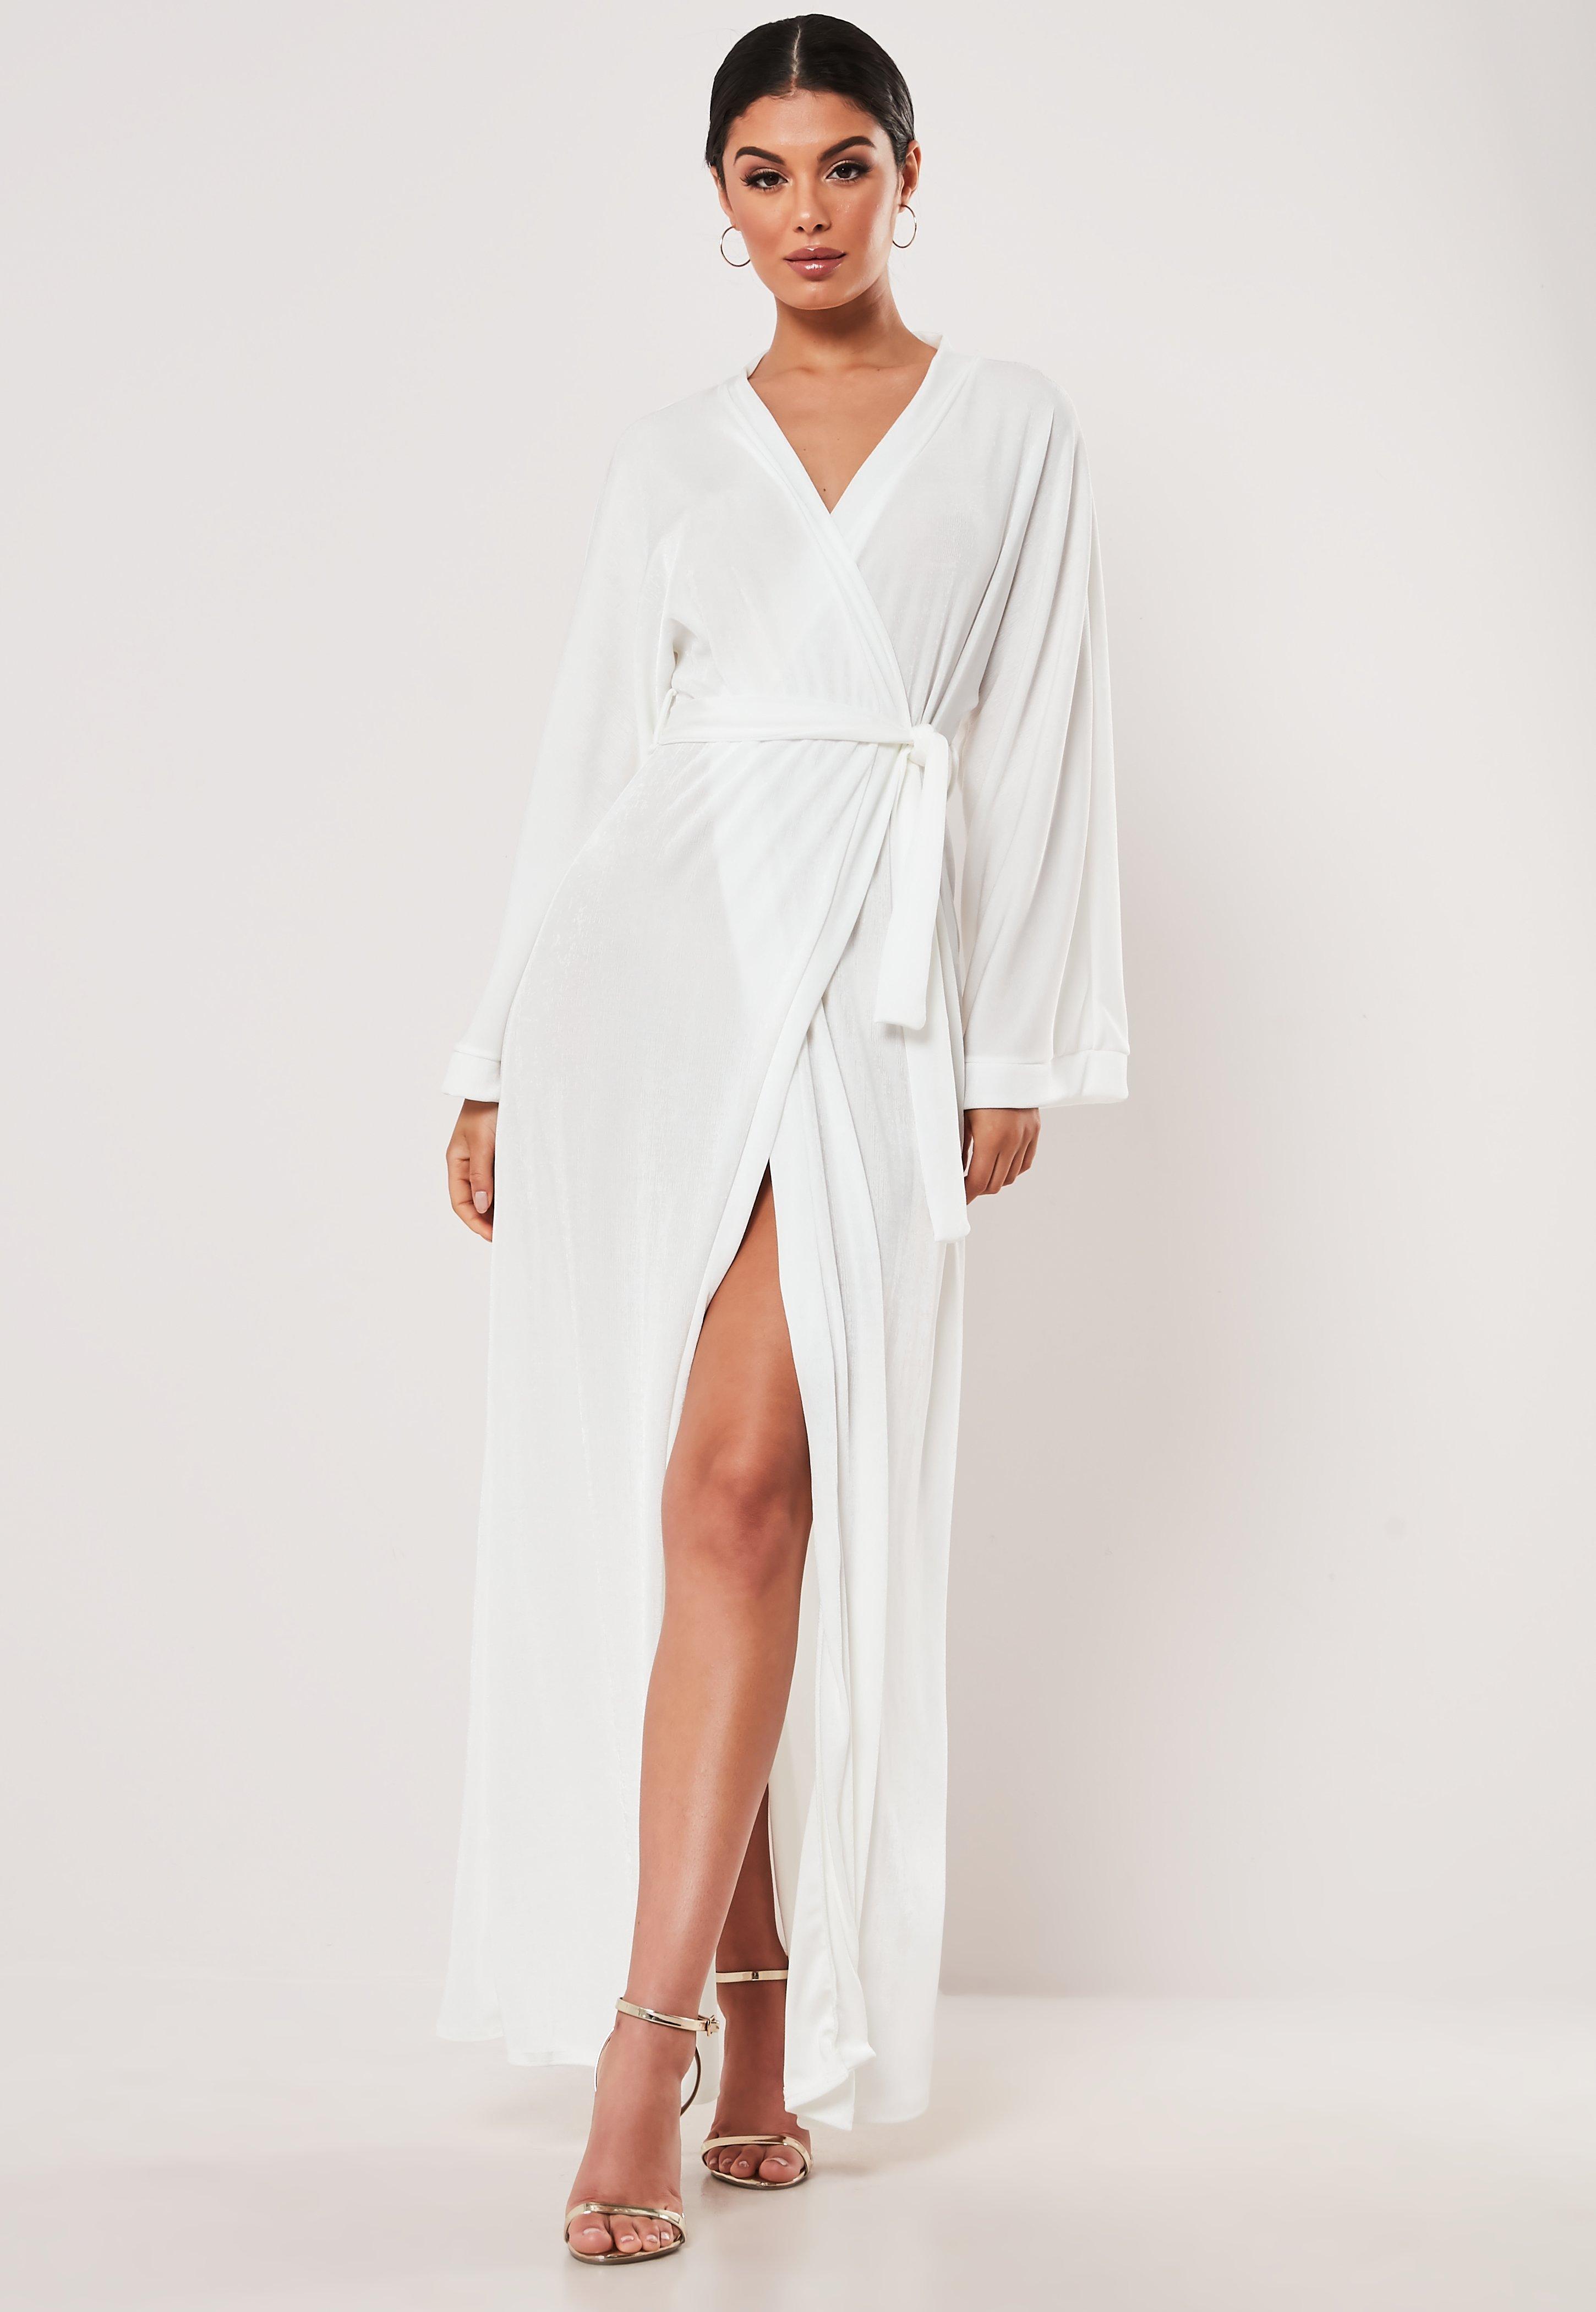 c64a86b5b91 Prom Dresses